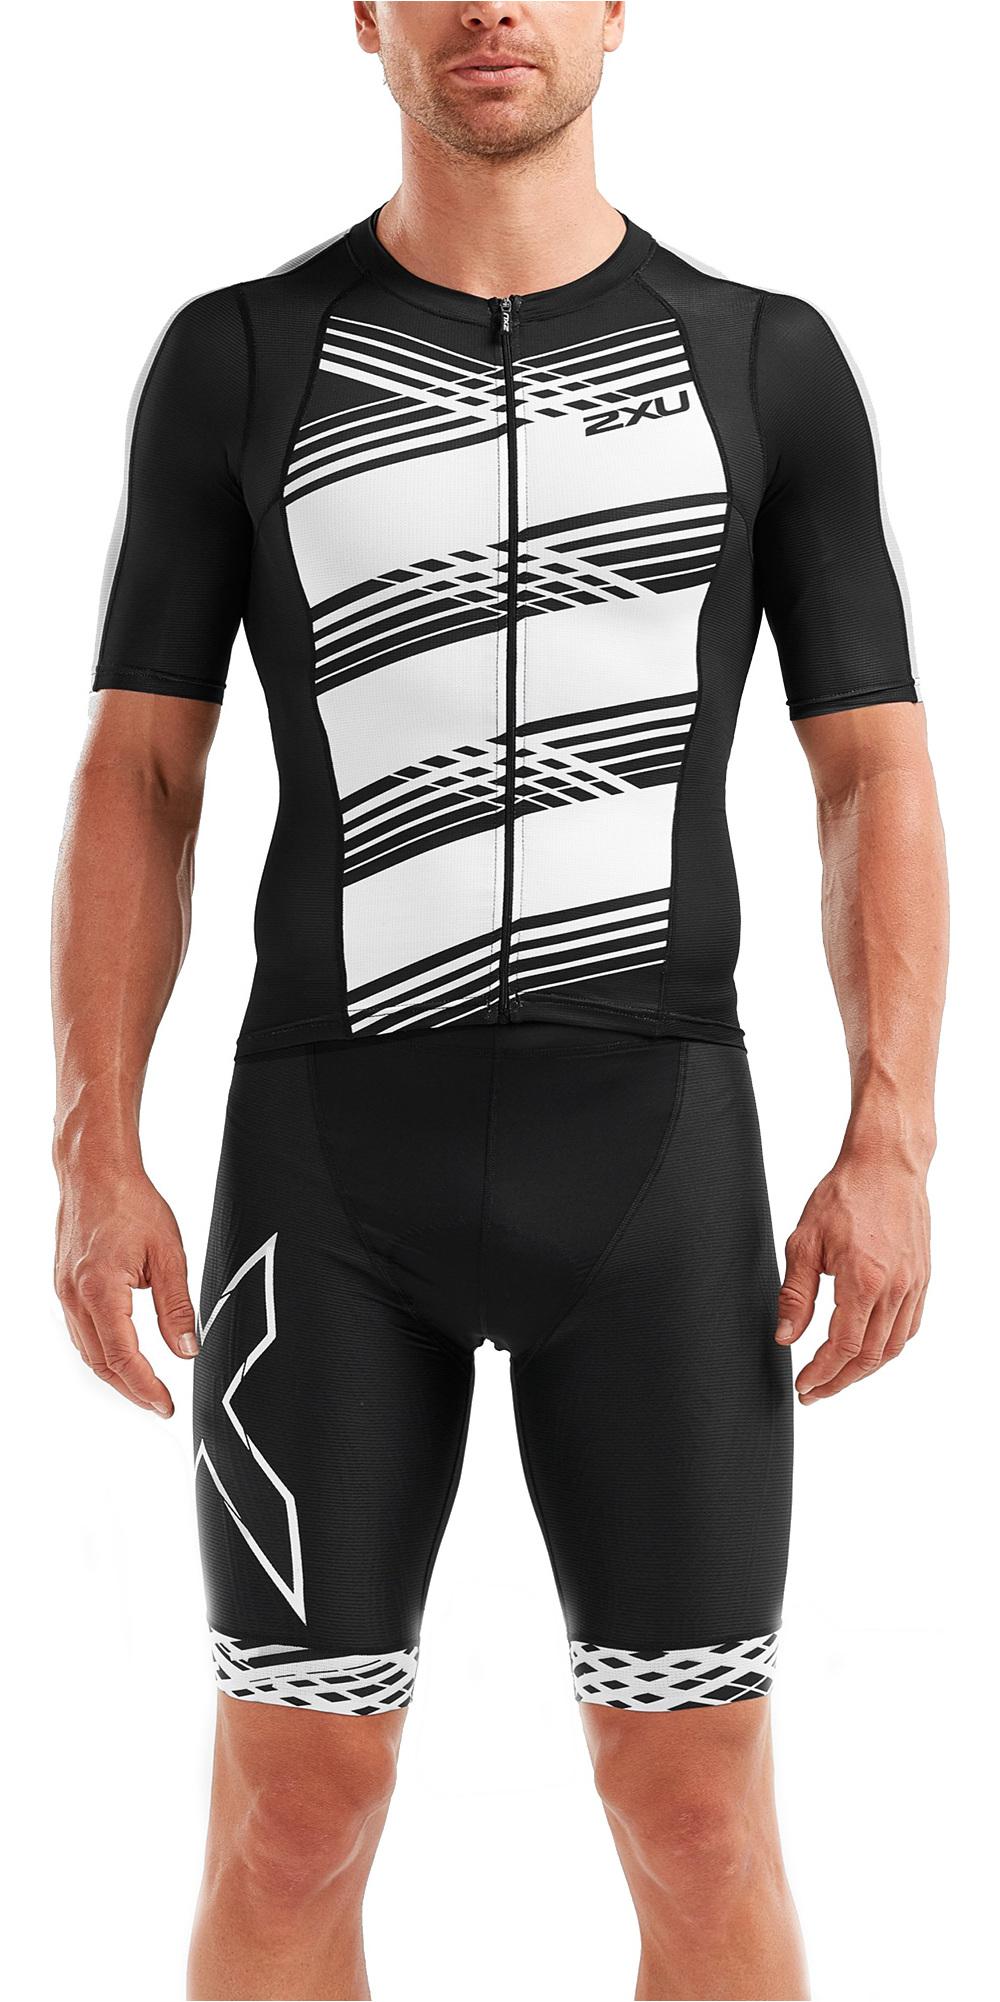 9de6e30638 2019 2XU Mens Compression Short Sleeve Top Black White Lines Mt5518a -  Triathlon Clothing | Wetsuit Outlet